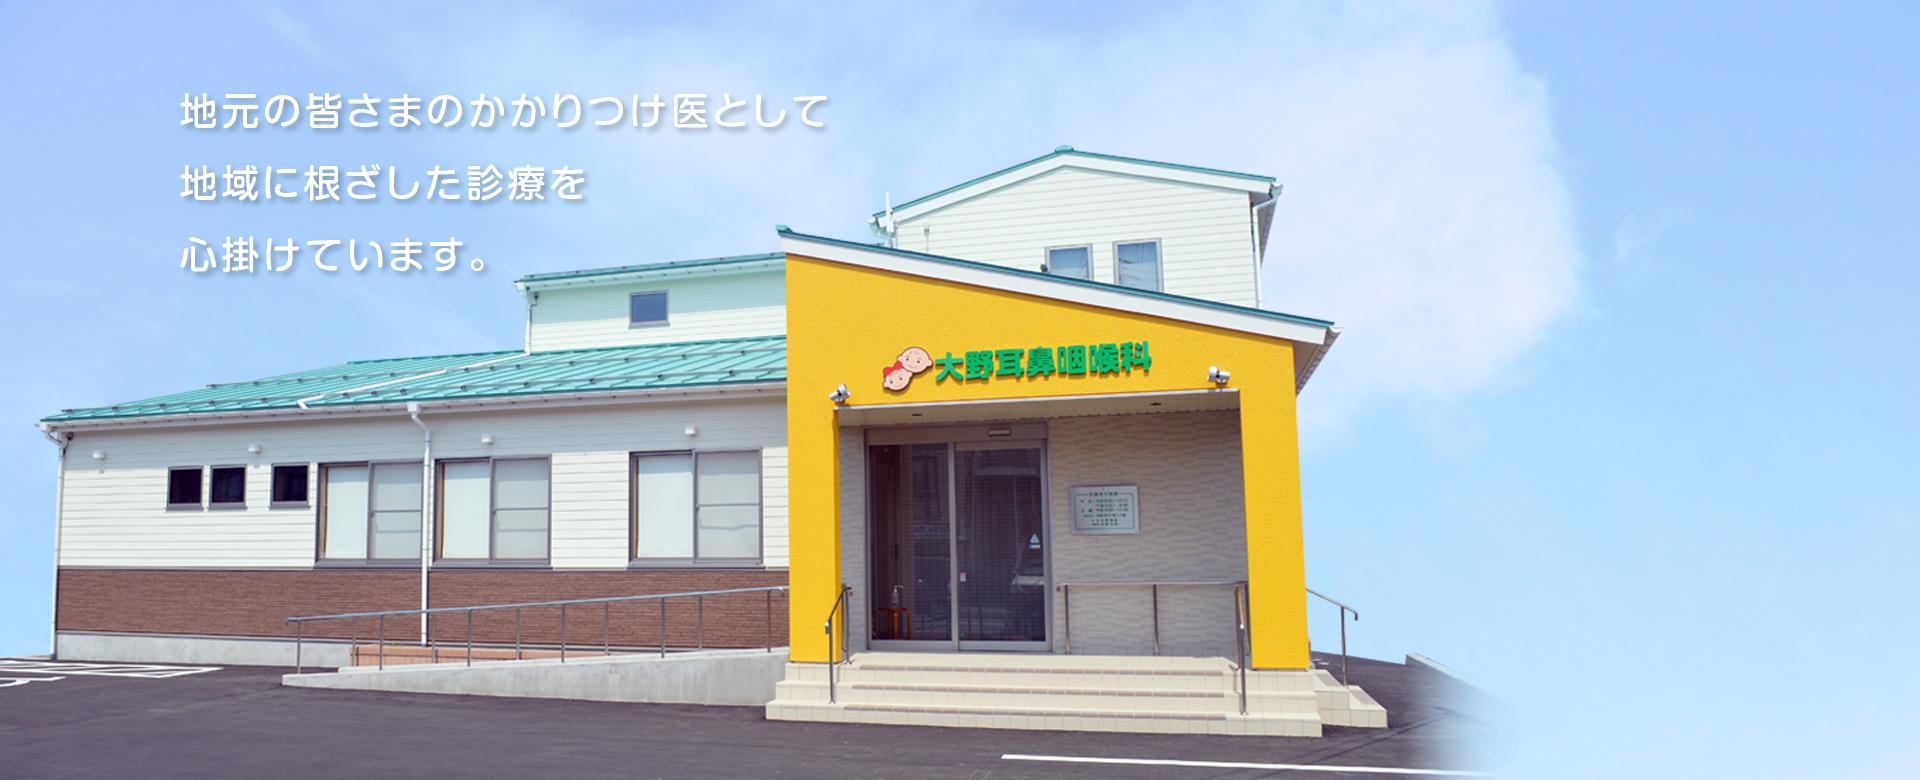 新潟市西区大野耳鼻咽喉科医院